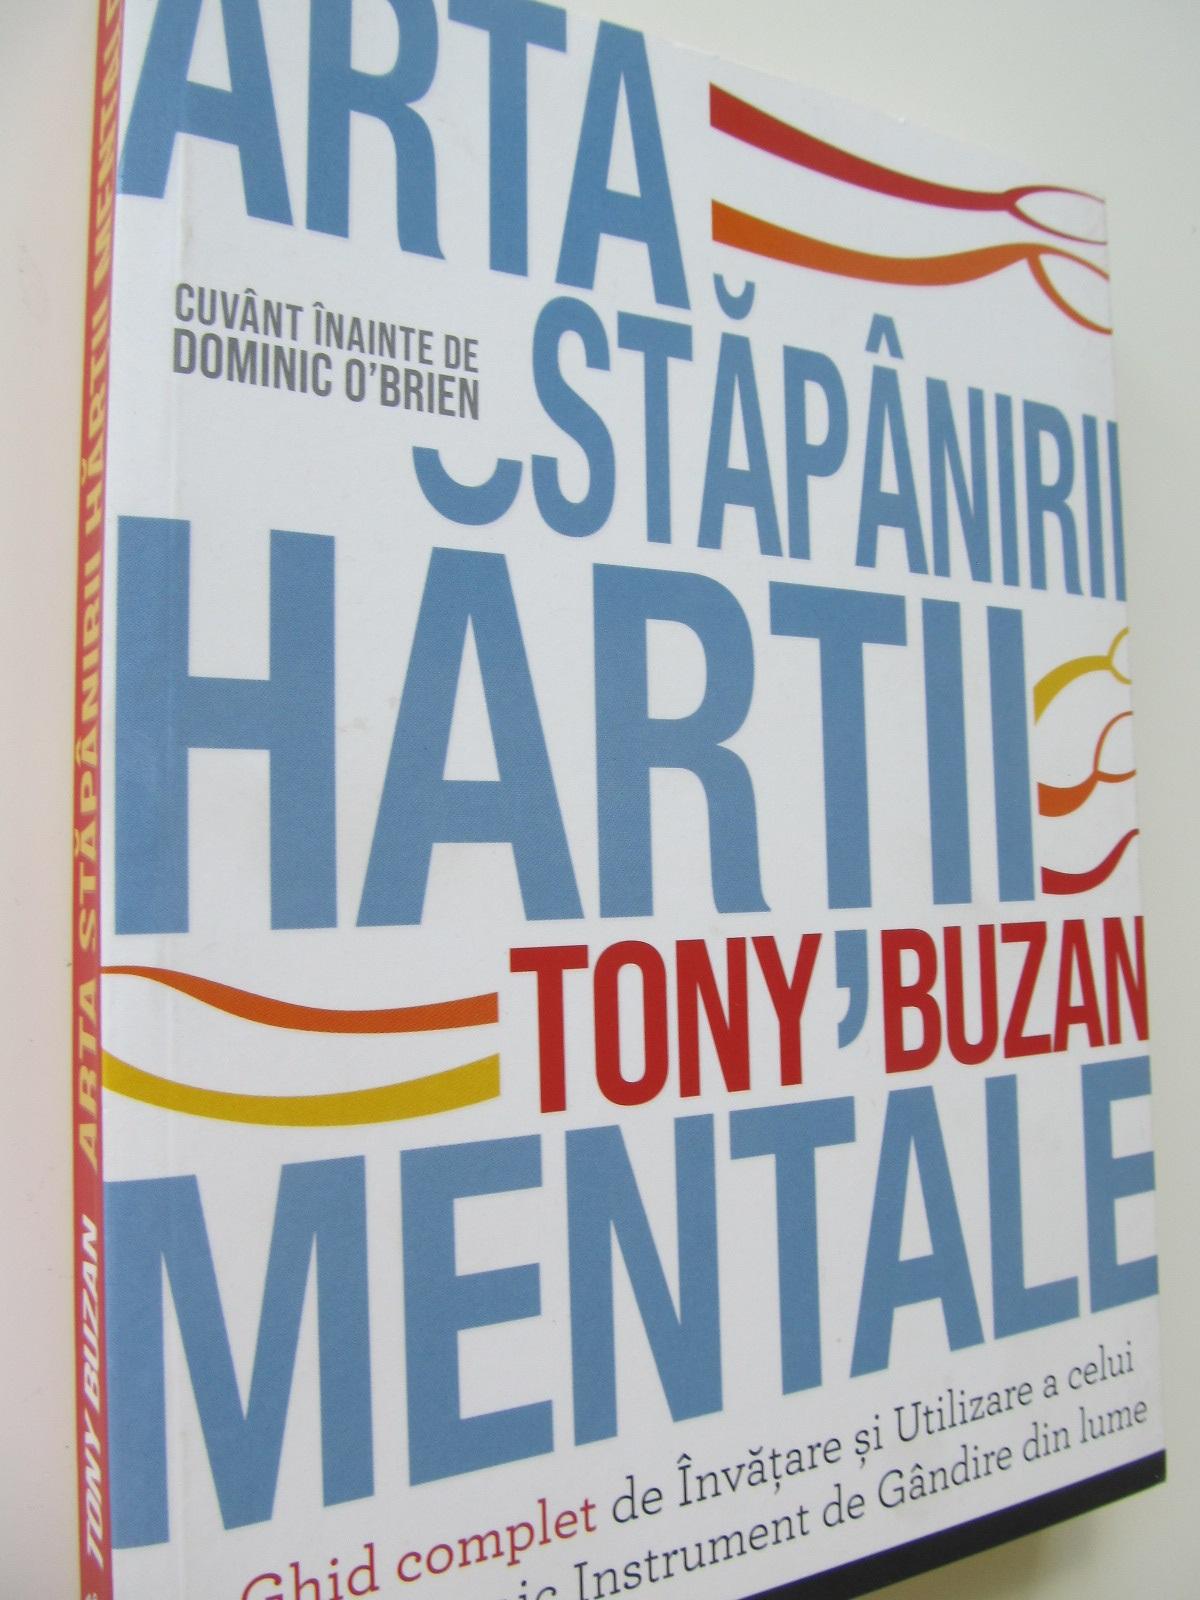 Arta stapanirii hartii mentale - Ghid complet de invatare si utilizare a celui mai puternic instrument de gandire din lume - Tony Buzan | Detalii carte